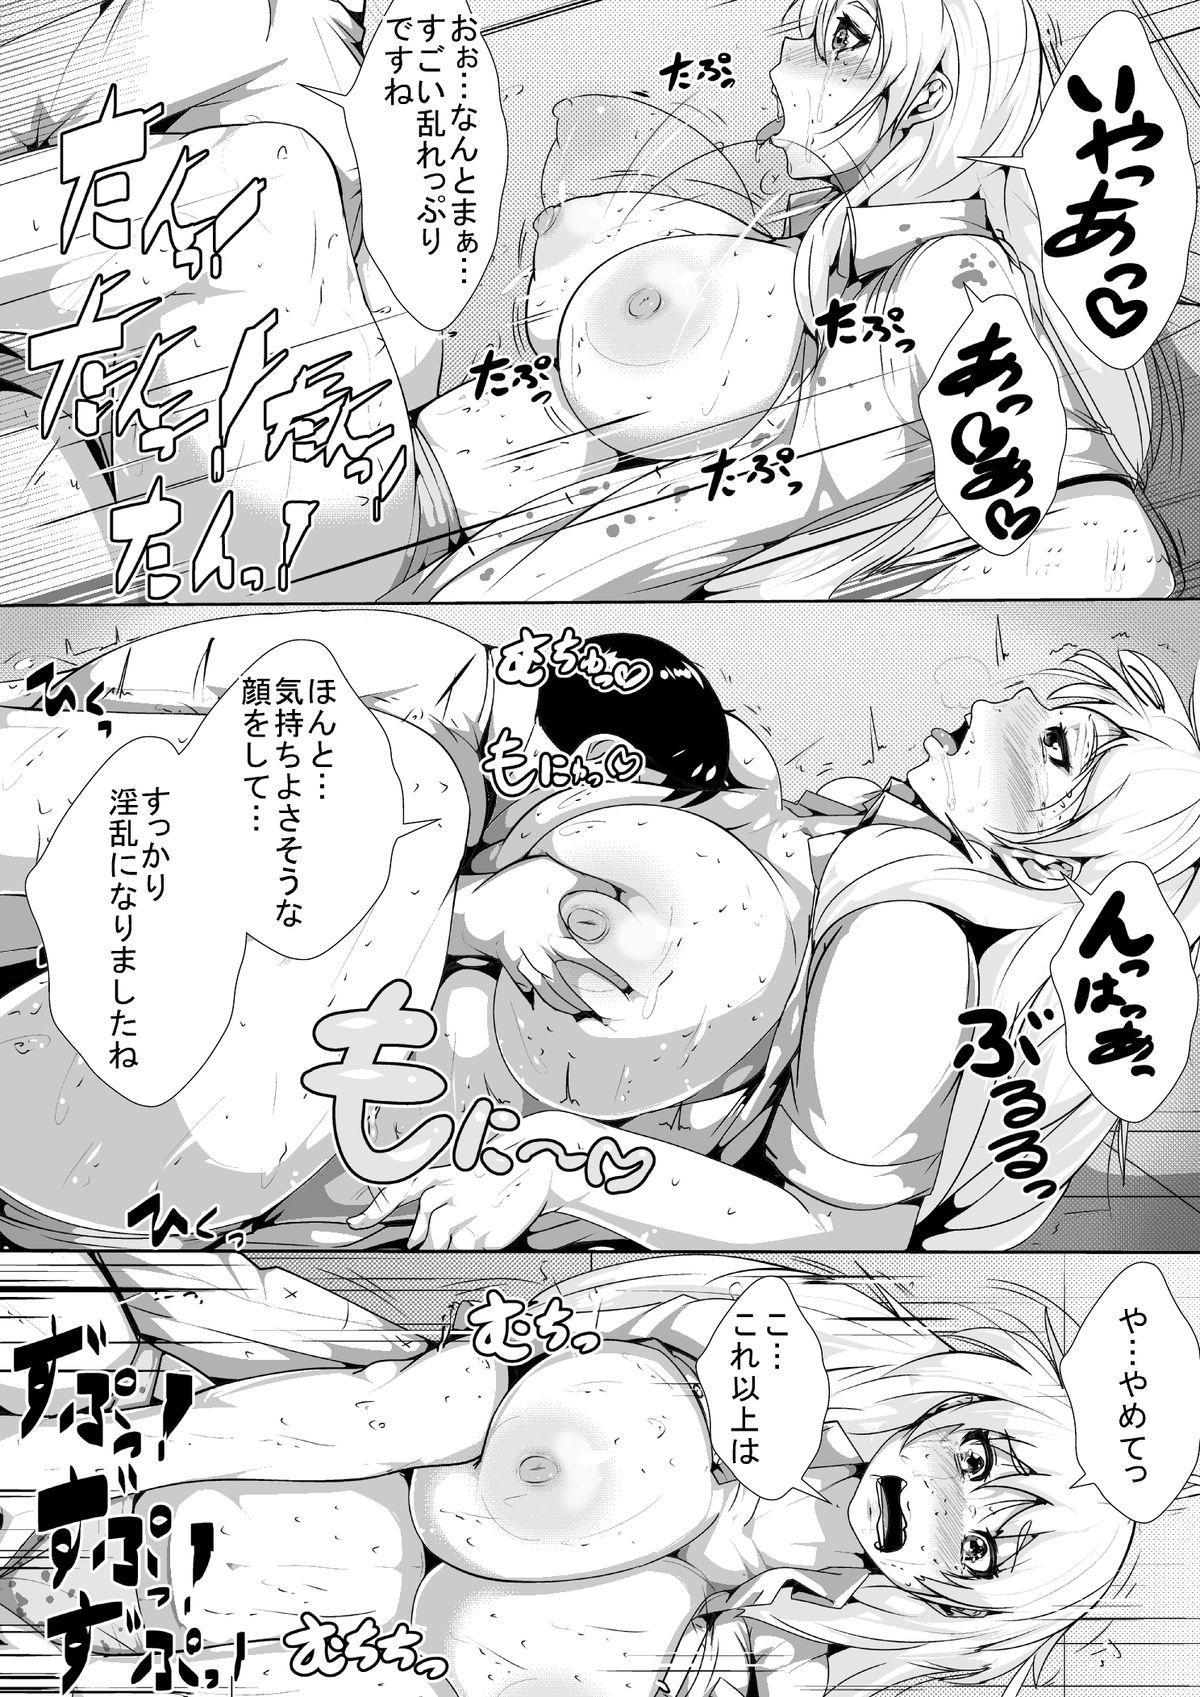 Seitenkan shita Ore ga Ochinpo Chuudoku ni saserareru 21